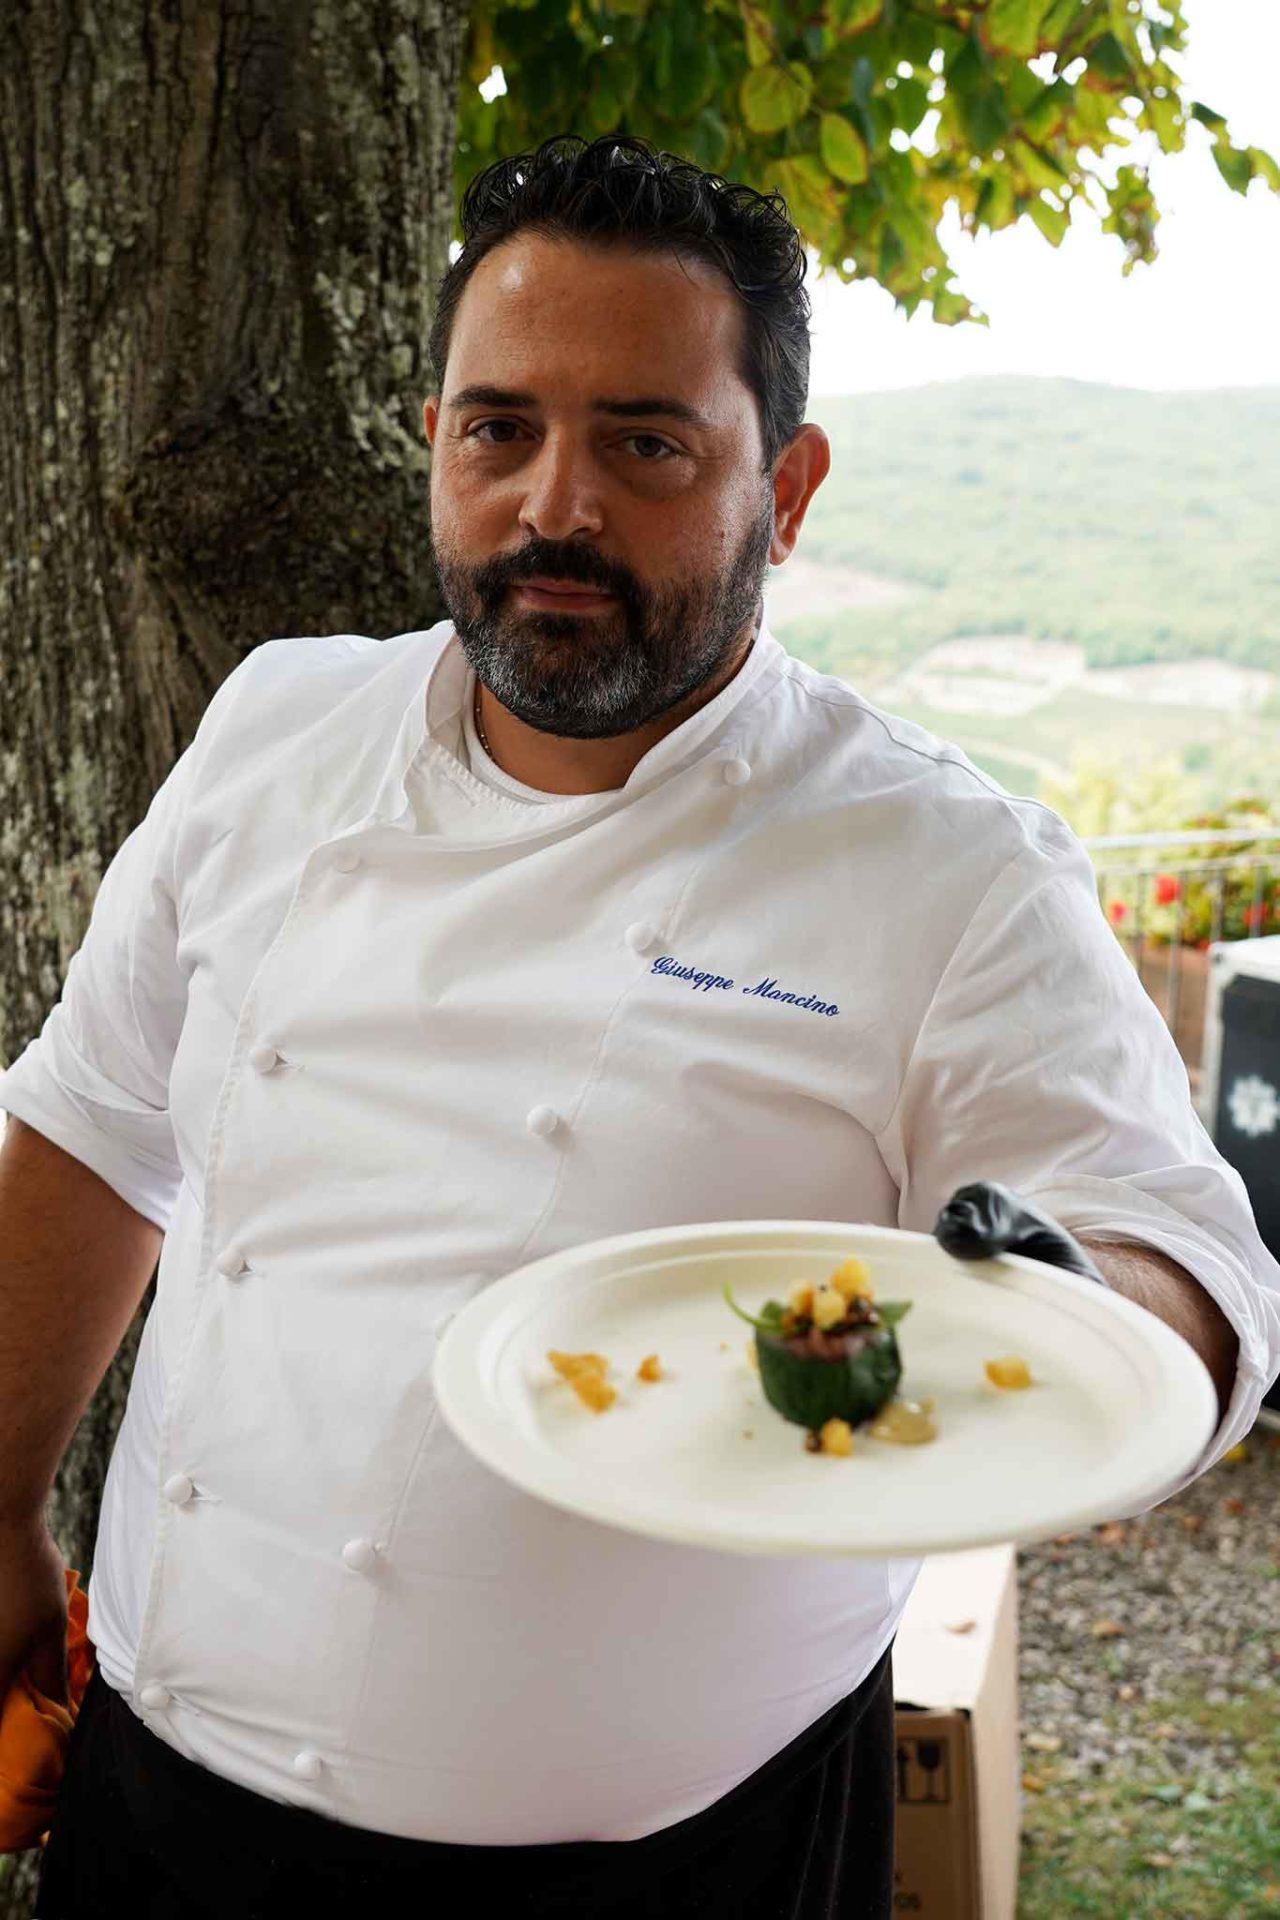 Giuseppe Mancino